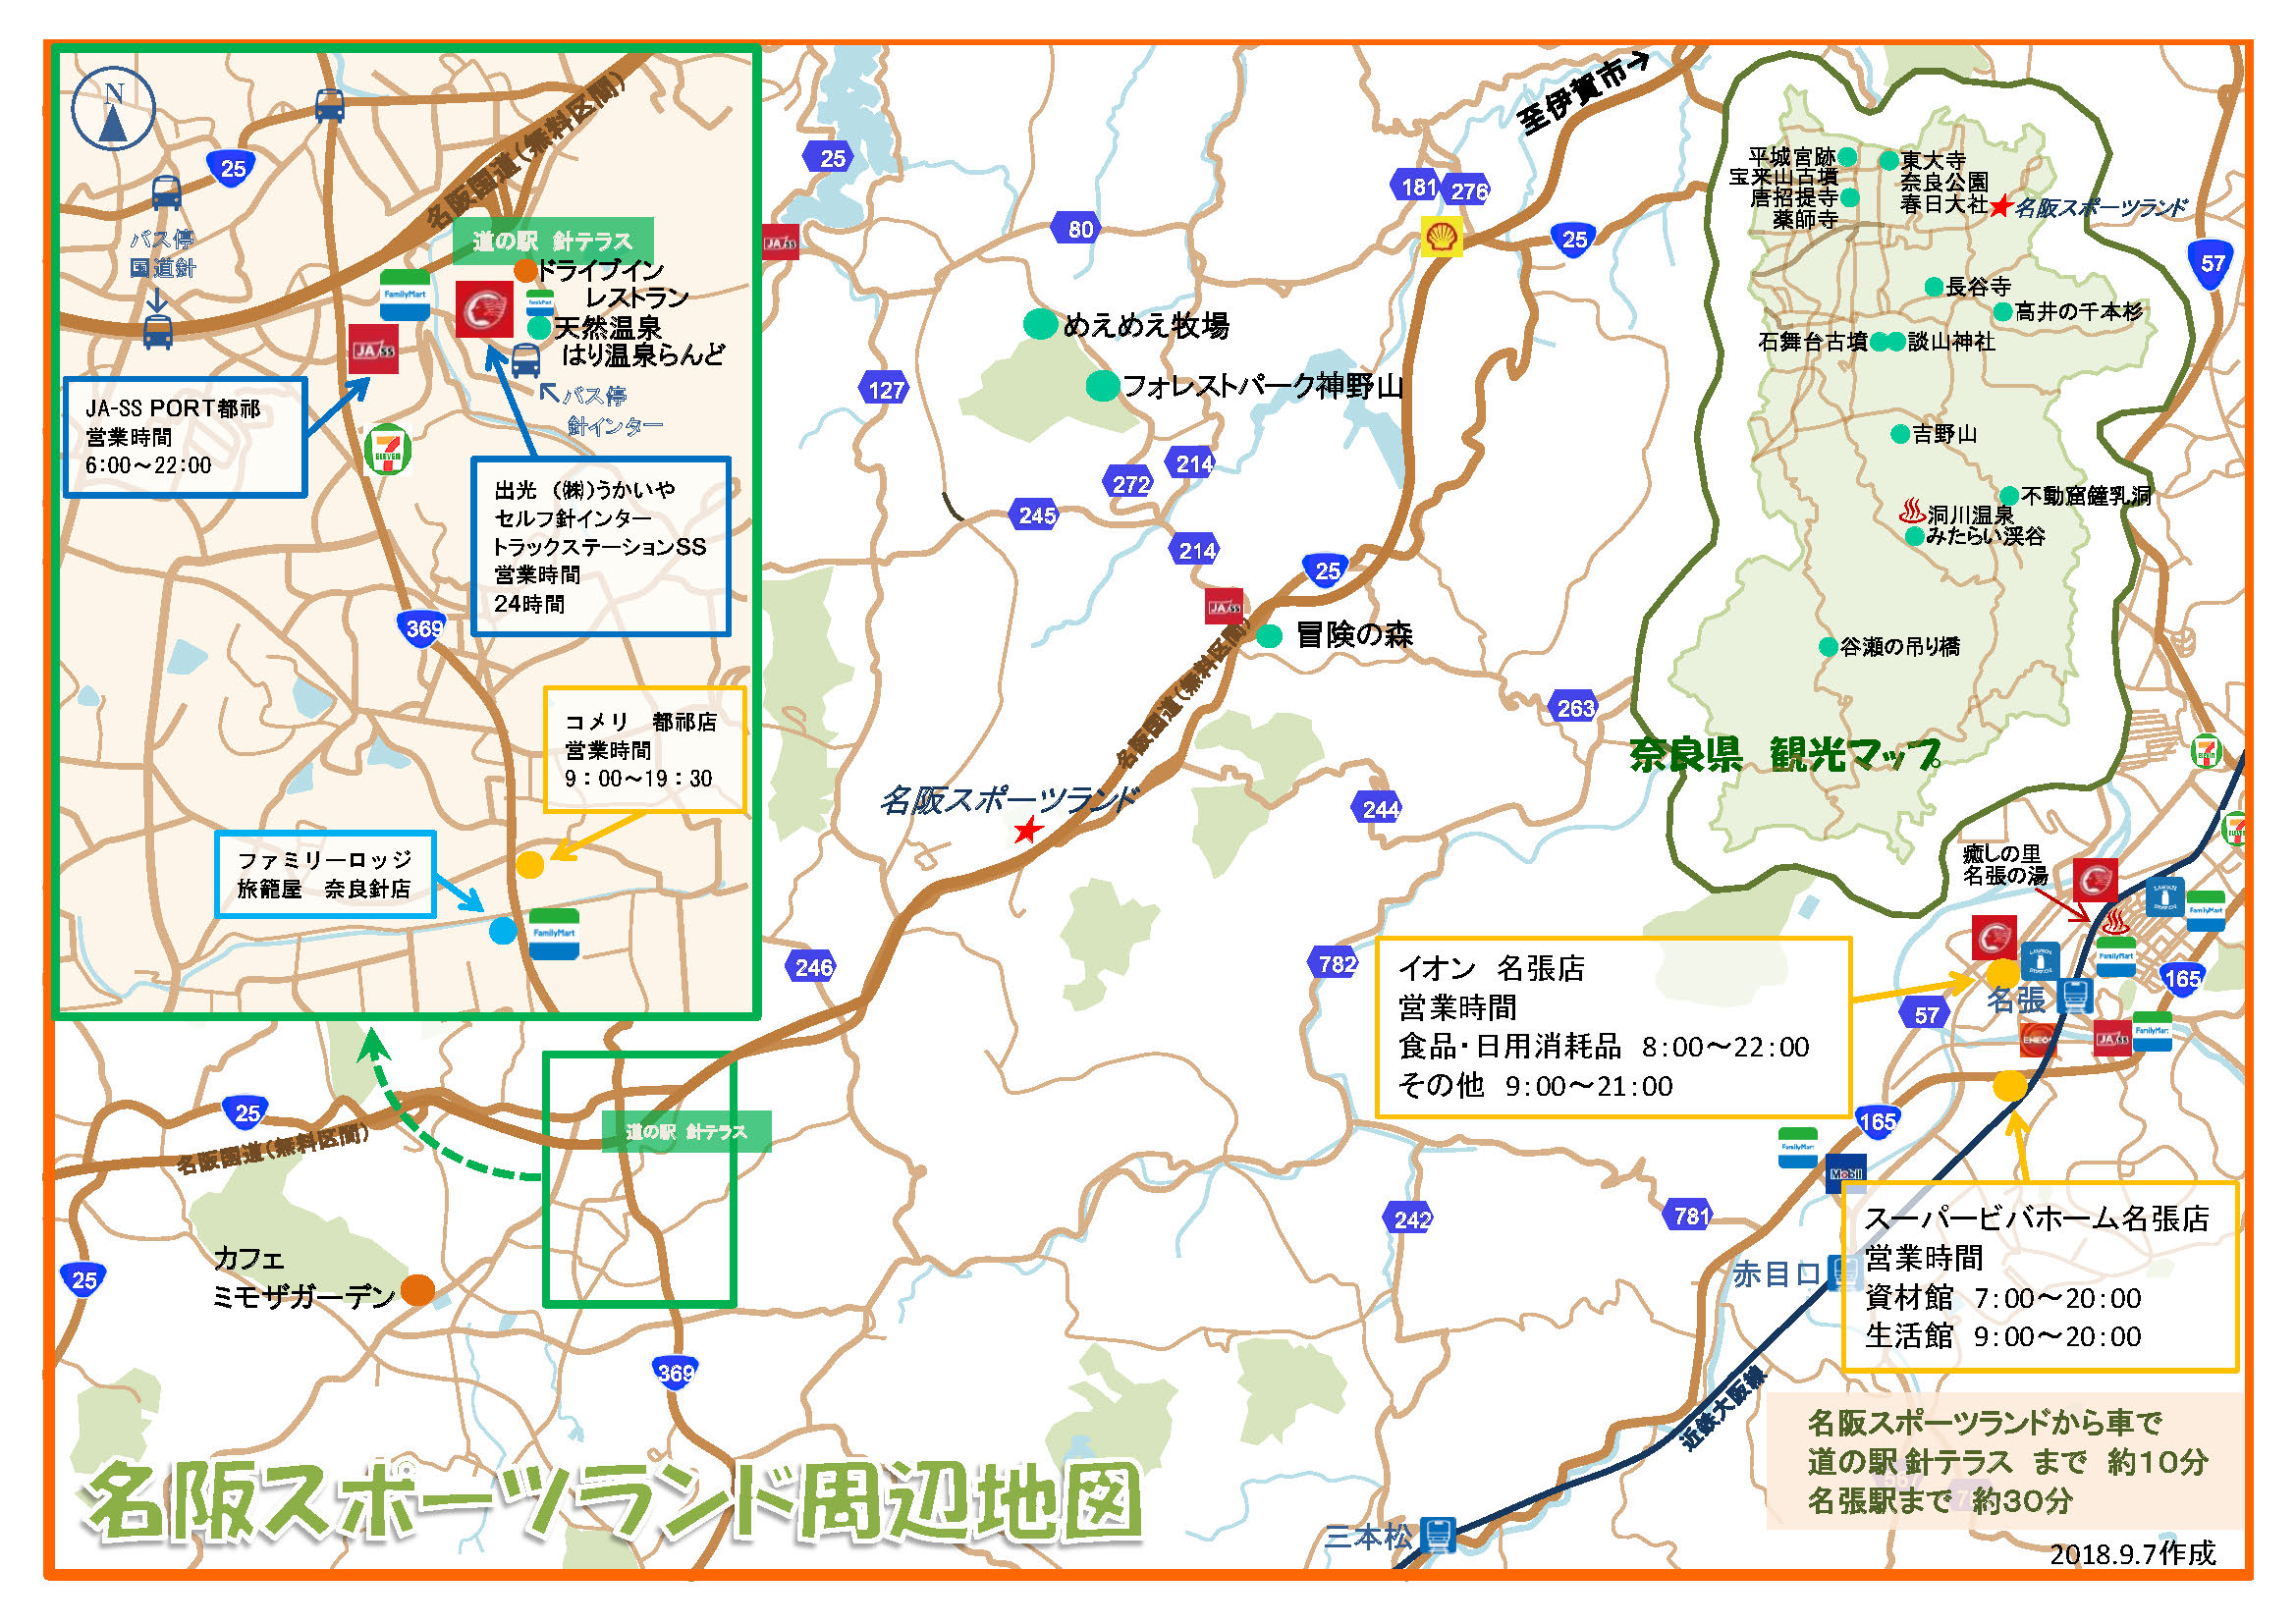 名阪スポーツランド周辺地図